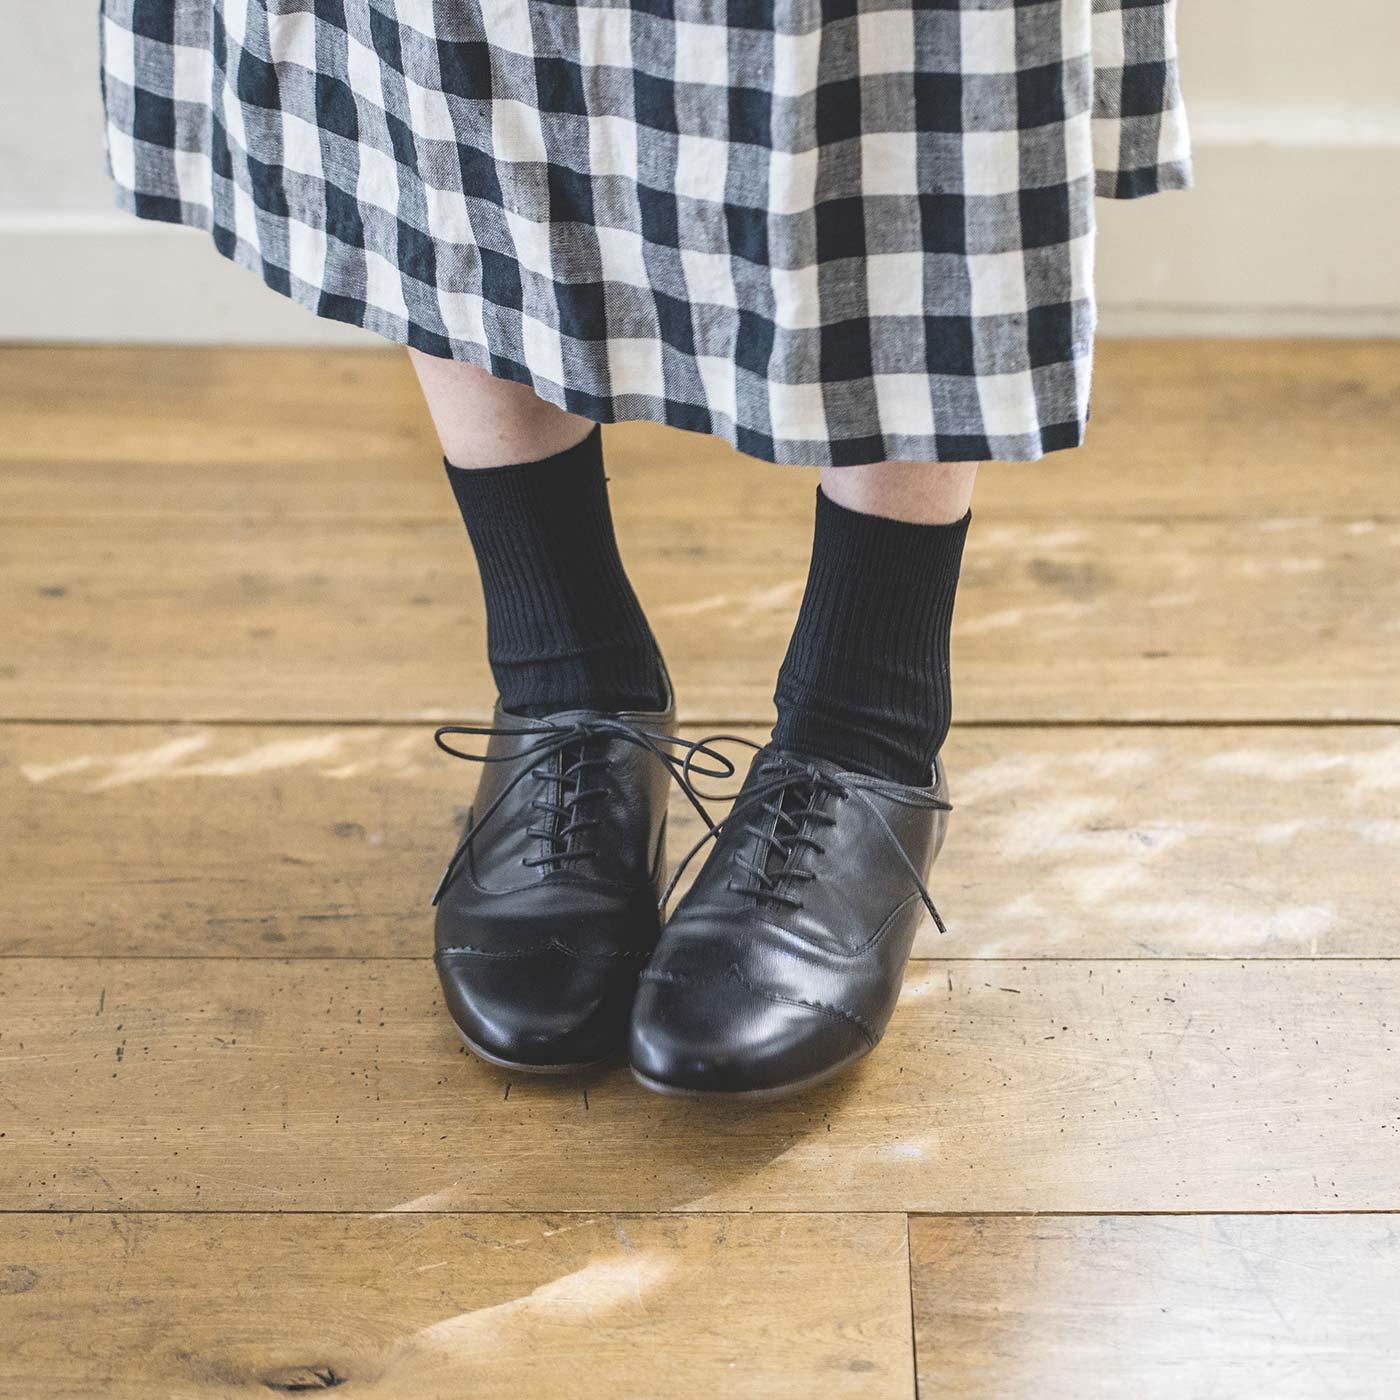 黒×本革のコンビネーション。コーデの仕上げに「さぁ靴はどれにしよう?」……そんなときについ選んでしまうような、どんな着こなしにもしっくり似合うオールマイティーなブラックです。